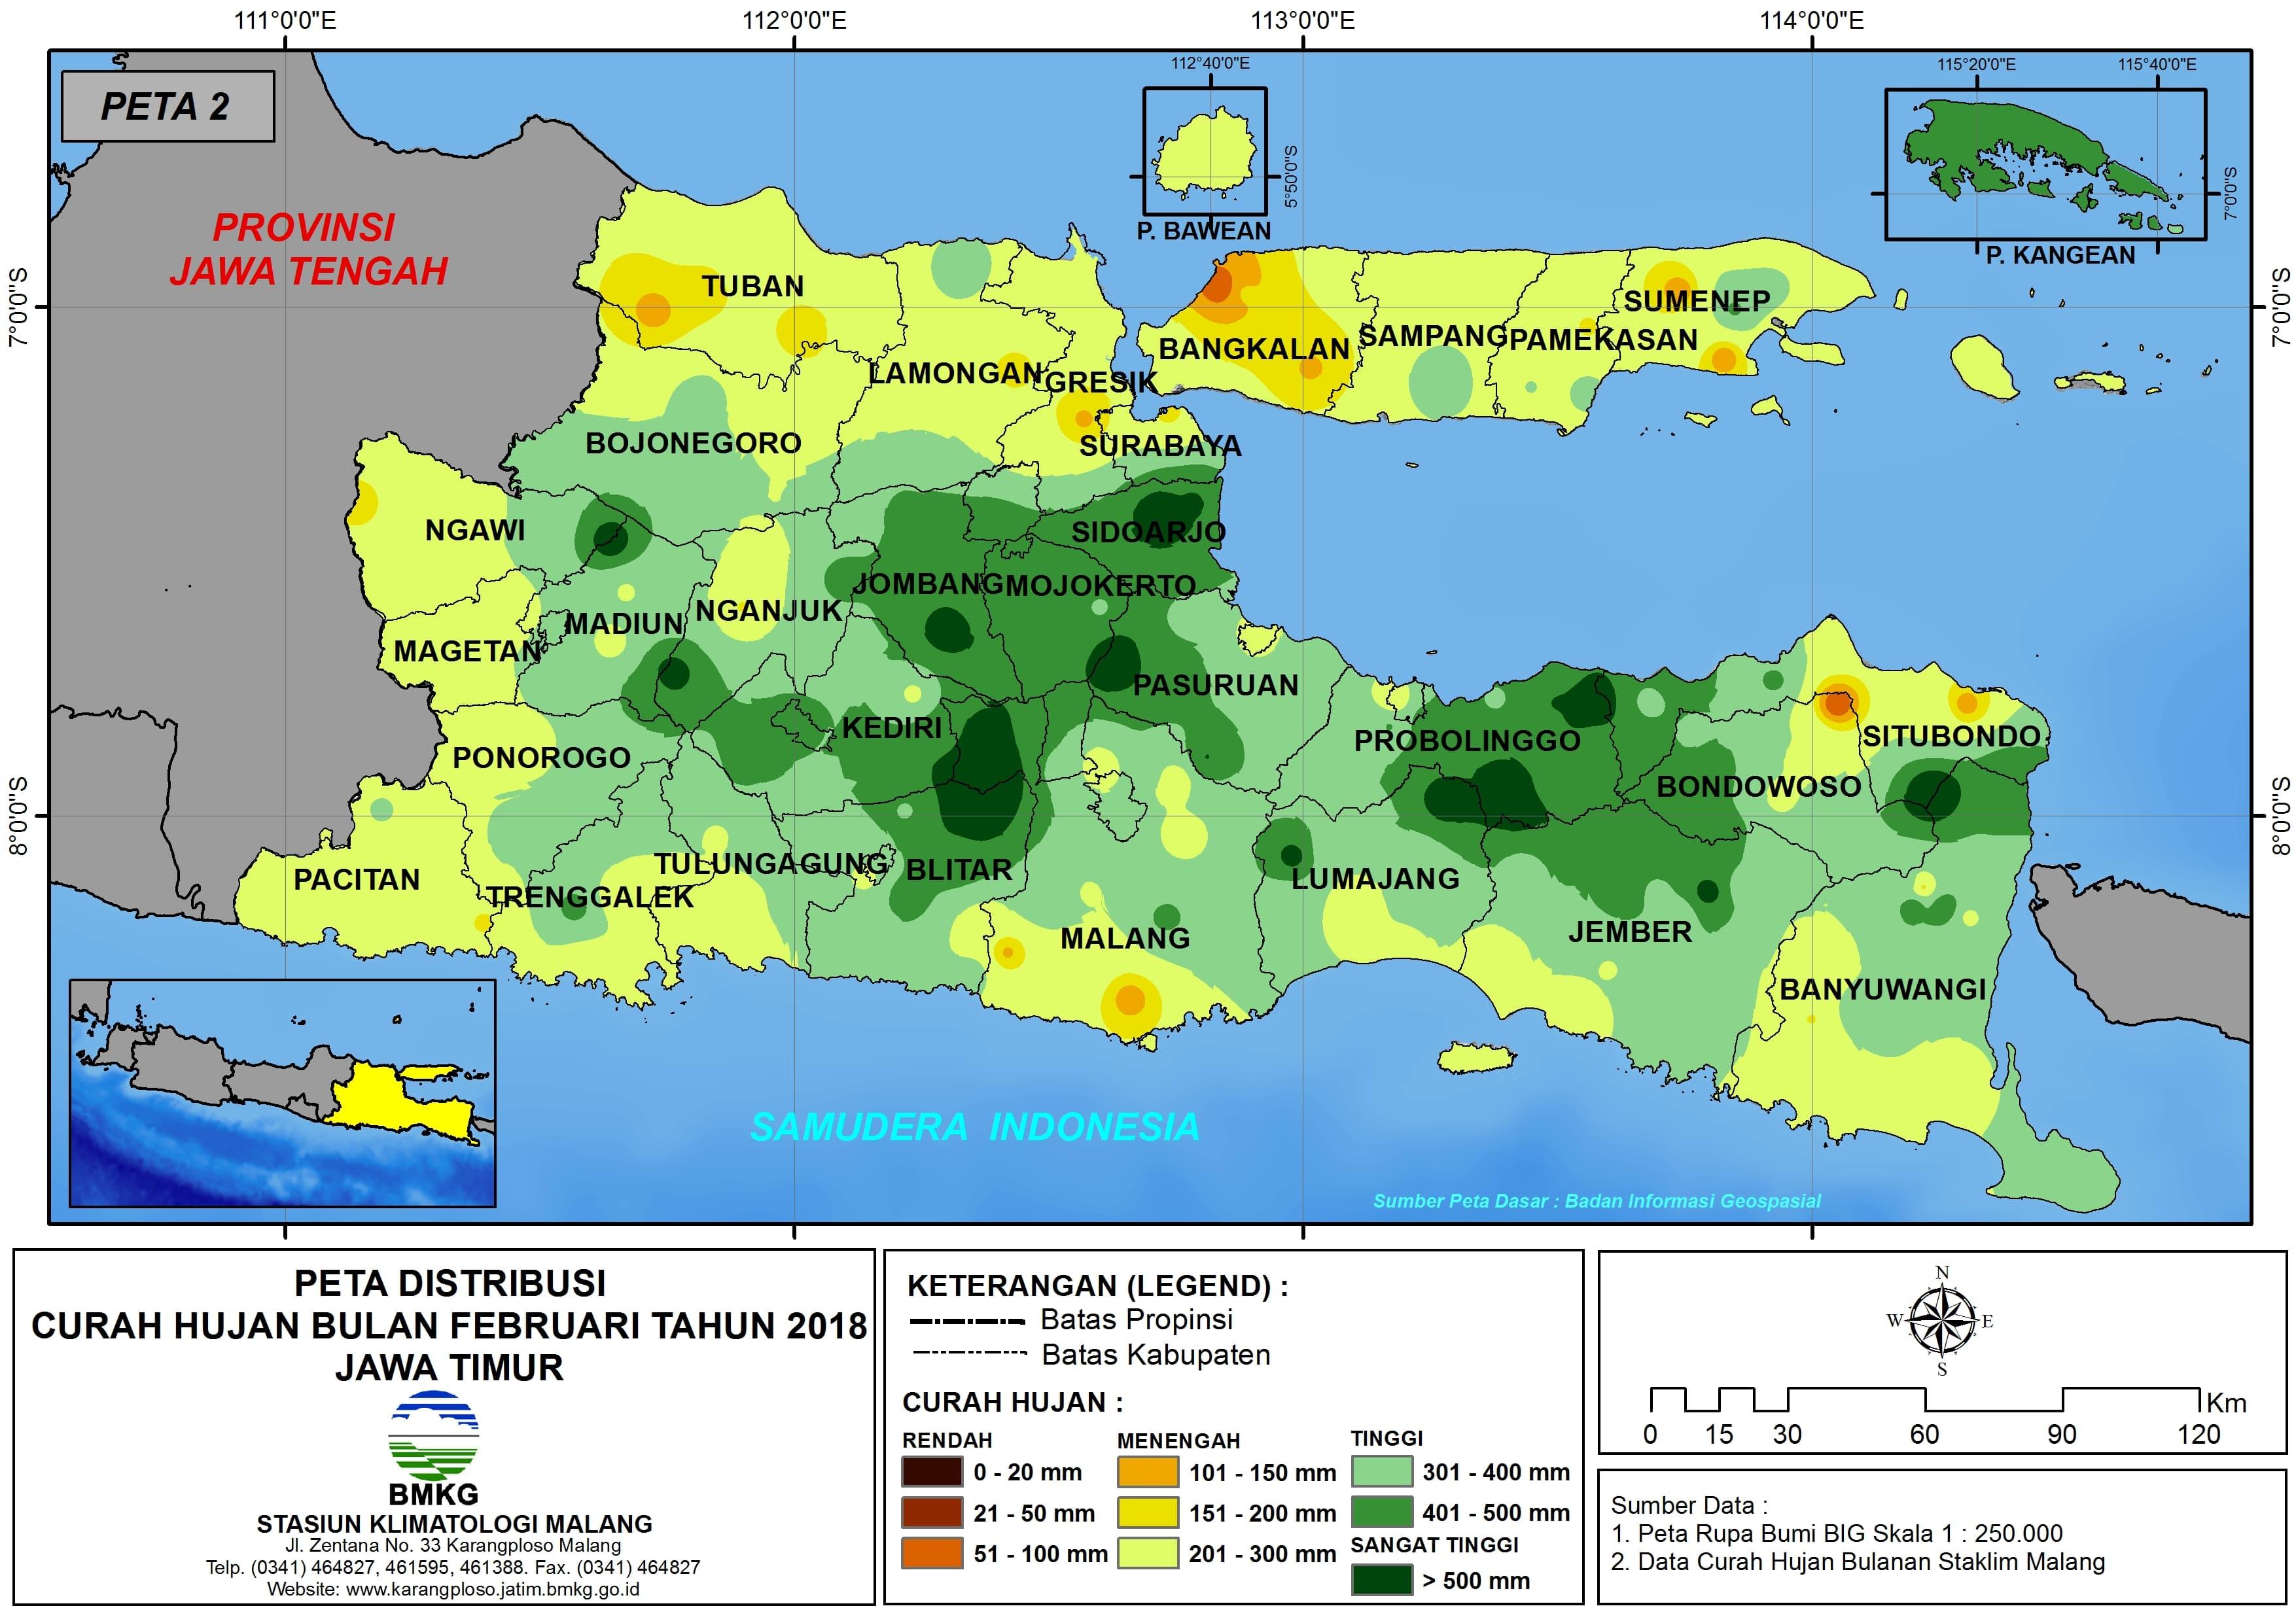 Analisis Distribusi Curah Hujan Bulan Februari Tahun 2018 di Propinsi Jawa Timur